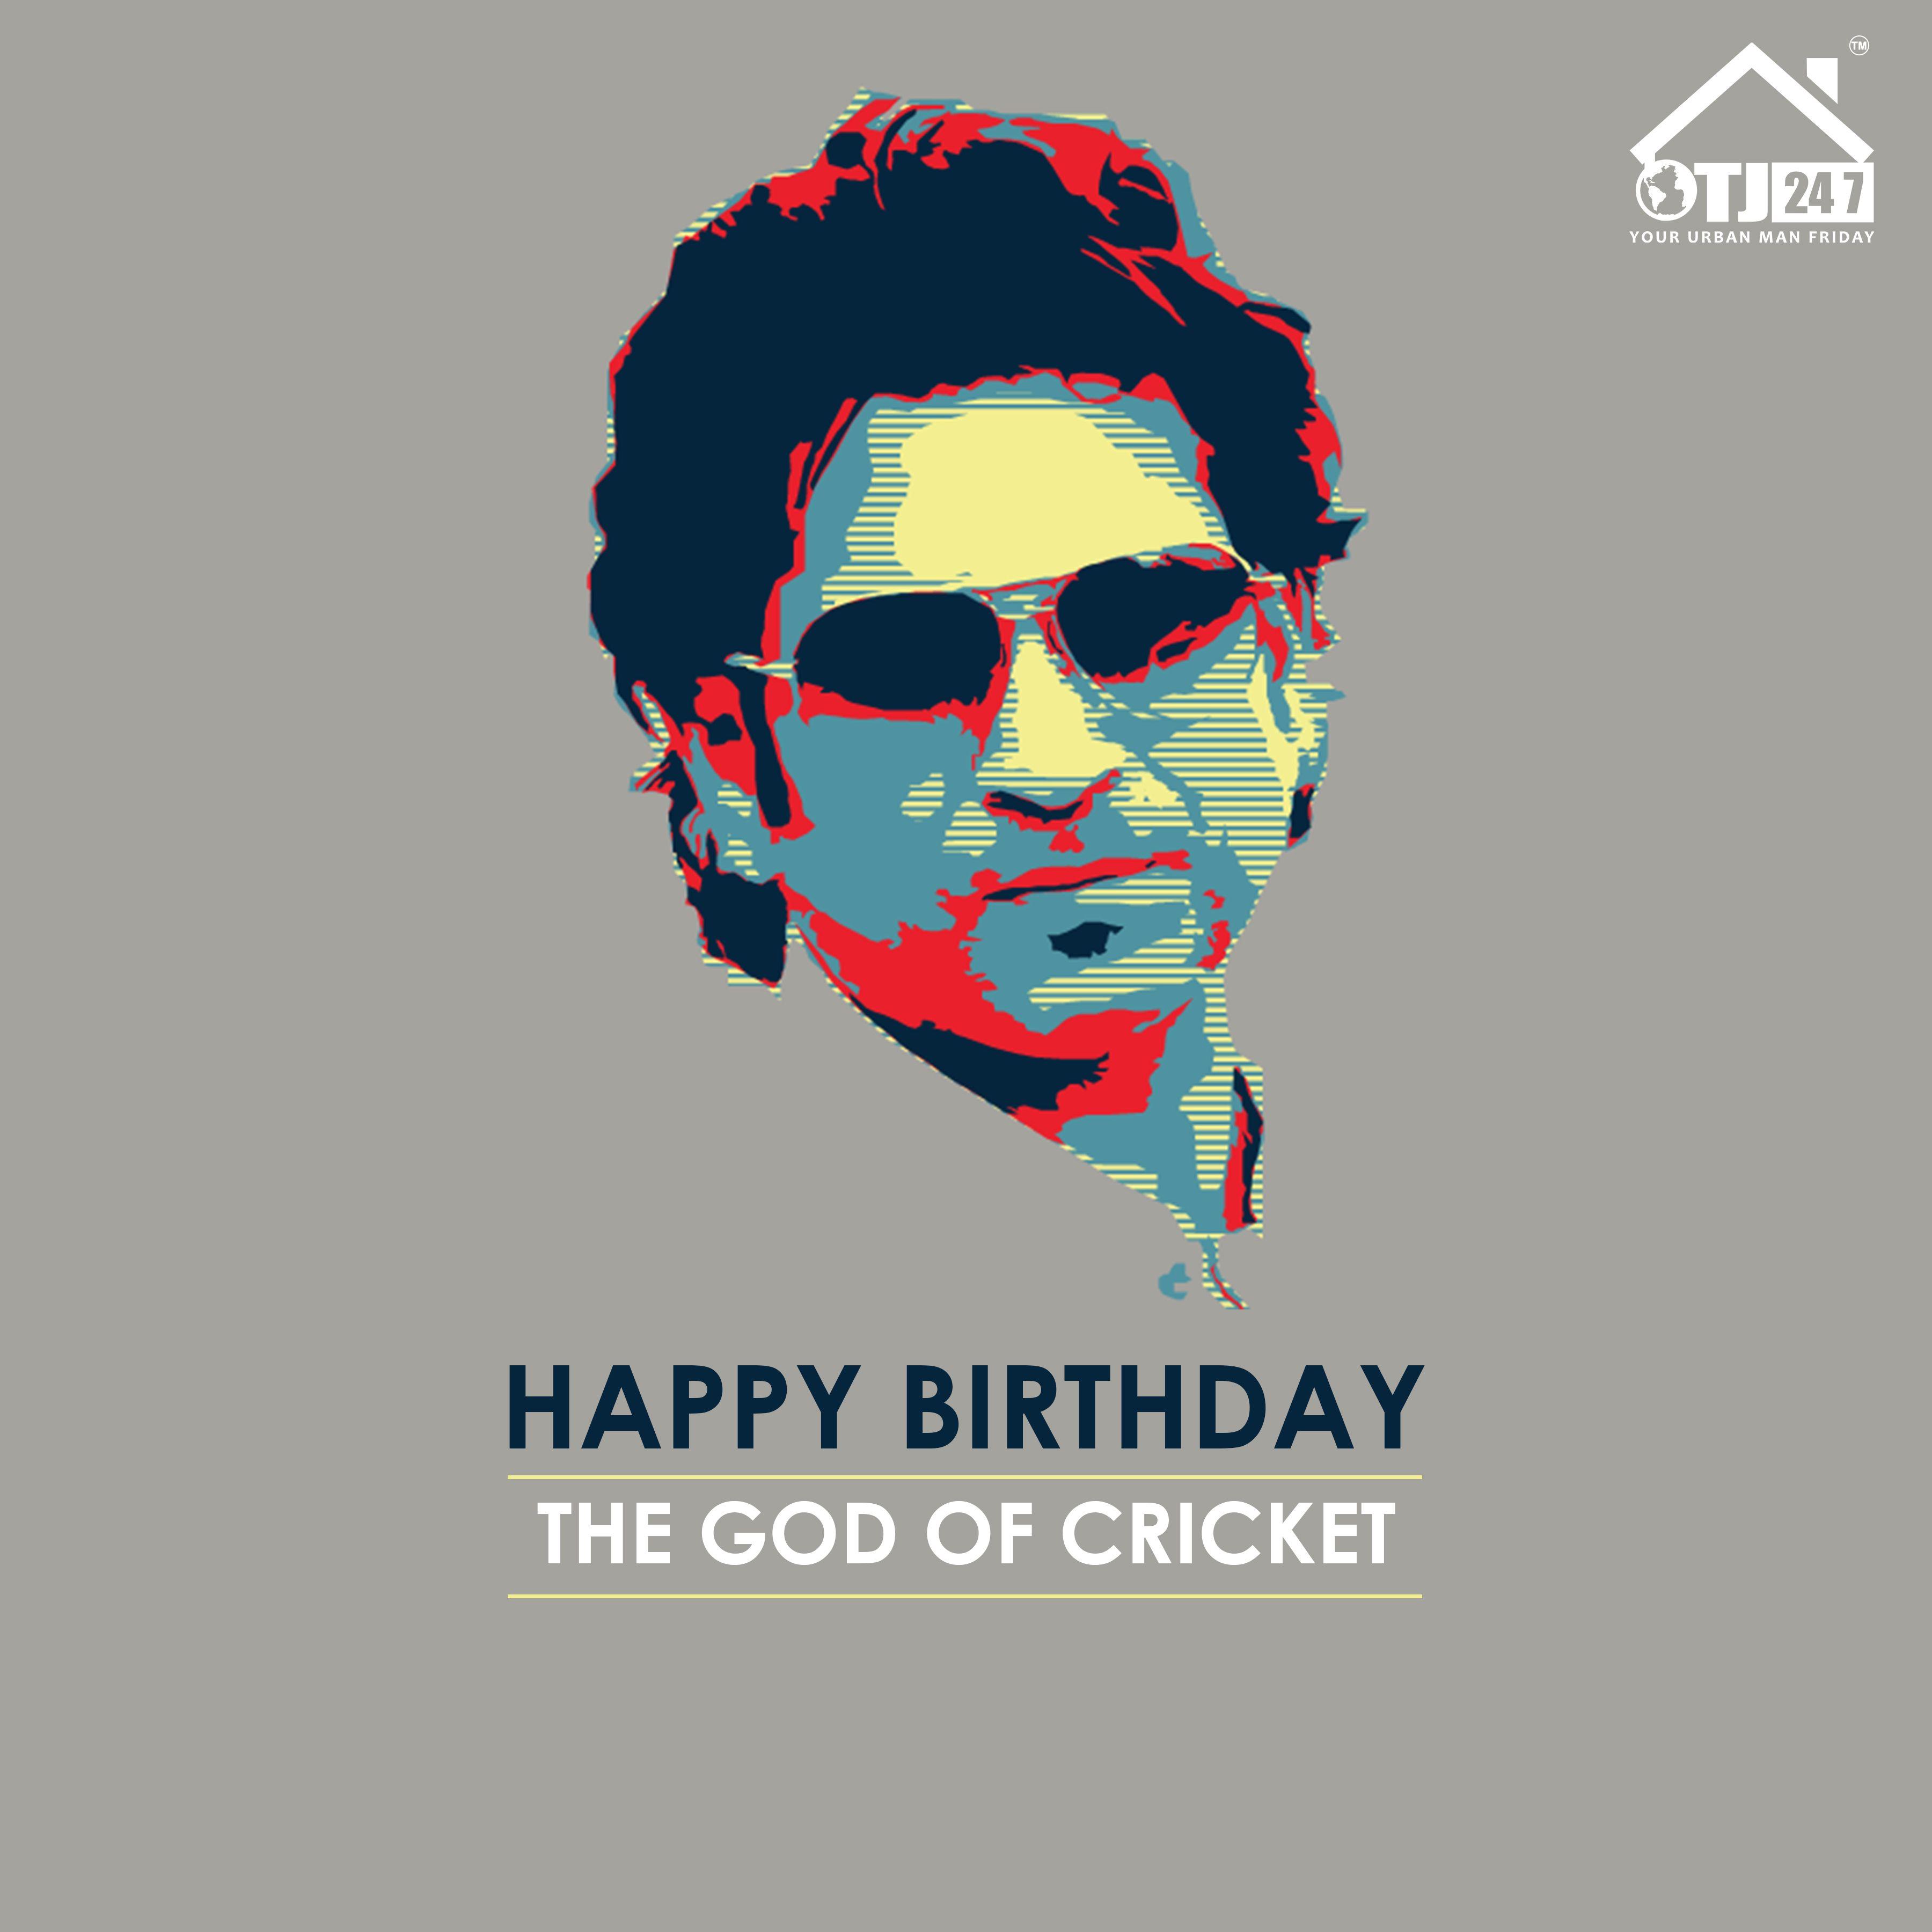 Happy Birthday The God of Cricket. cricket